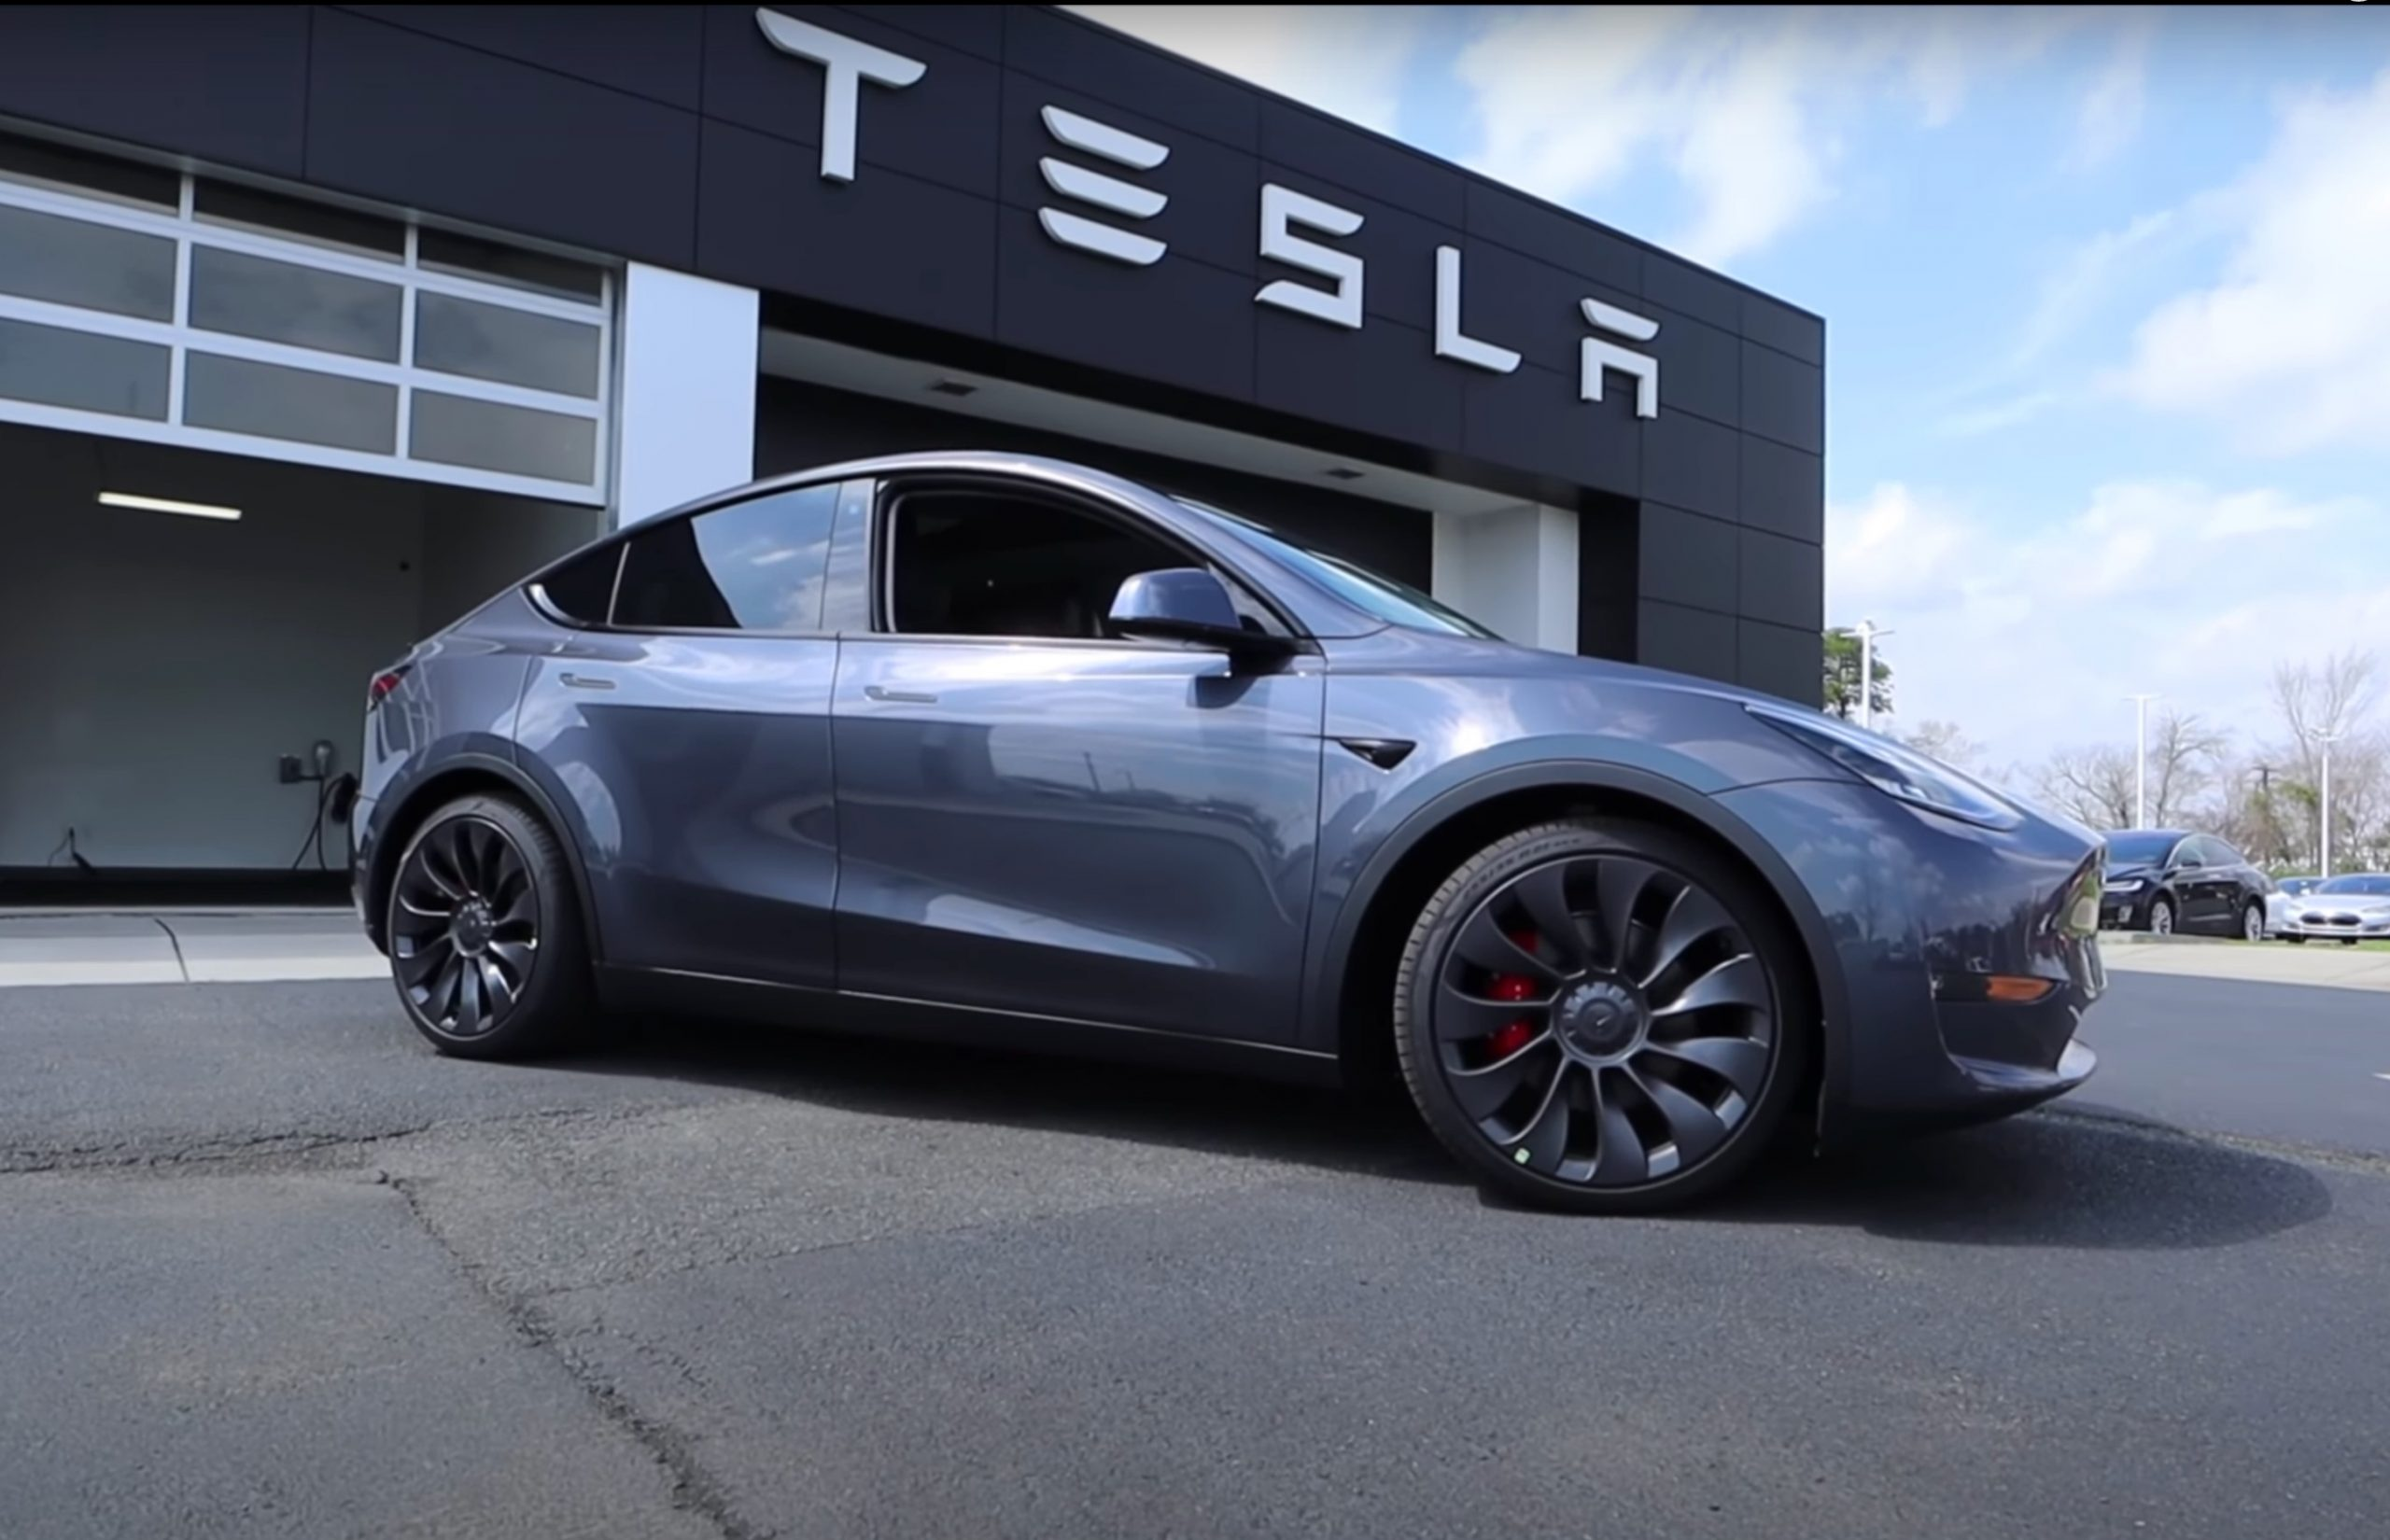 Musk promete mejores baterías y a mitad de costo para vehículos de Tesla